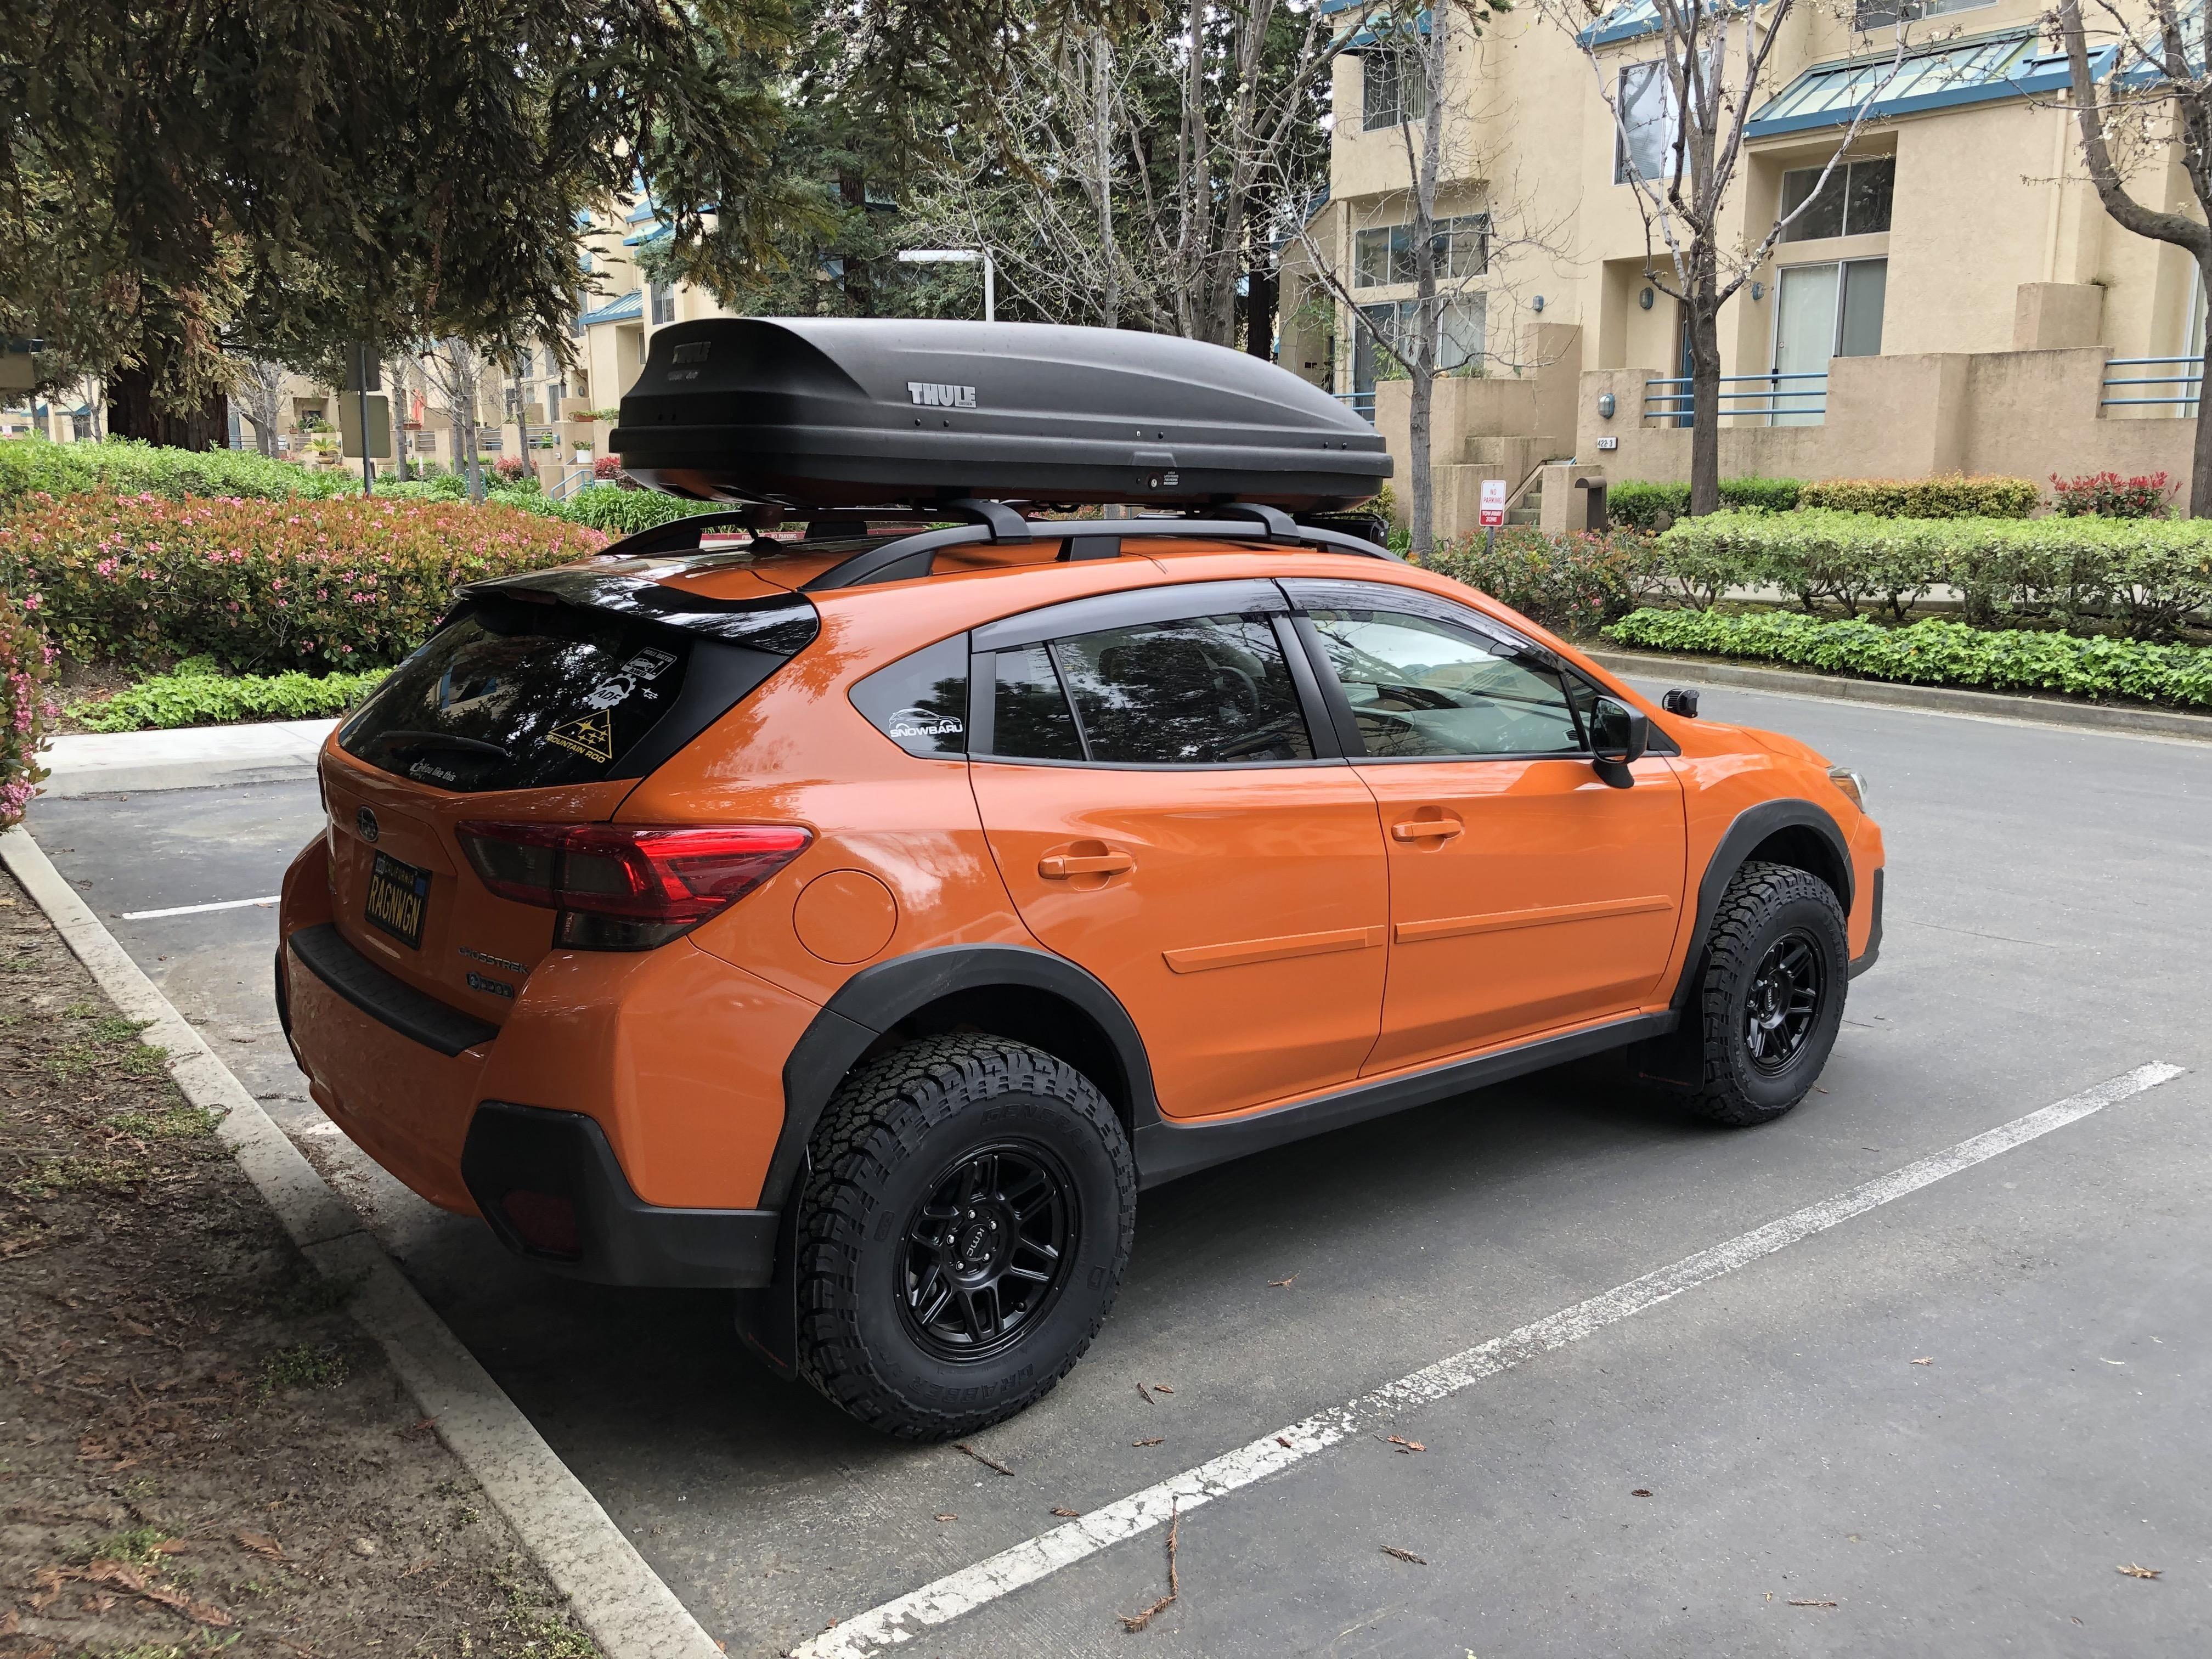 Kmc Nomad Crosstrek Google Search Subaru Crosstrek Lifted Subaru Subaru